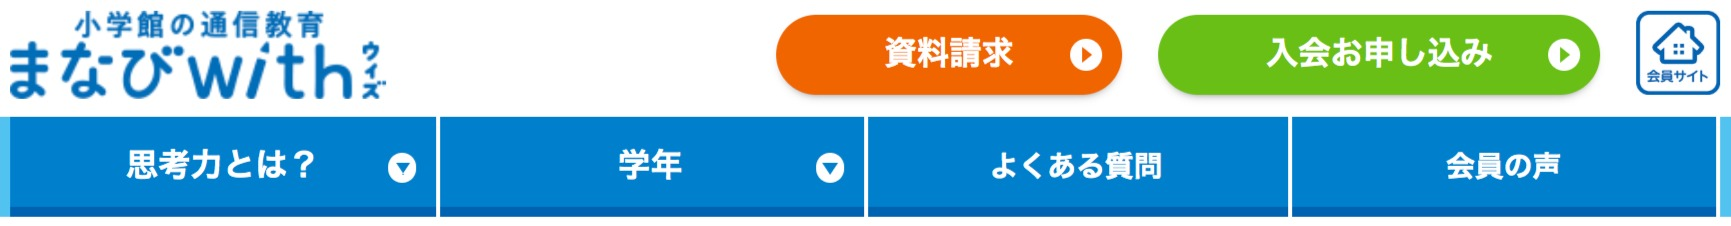 まなびwith 入会方法 ボタン1